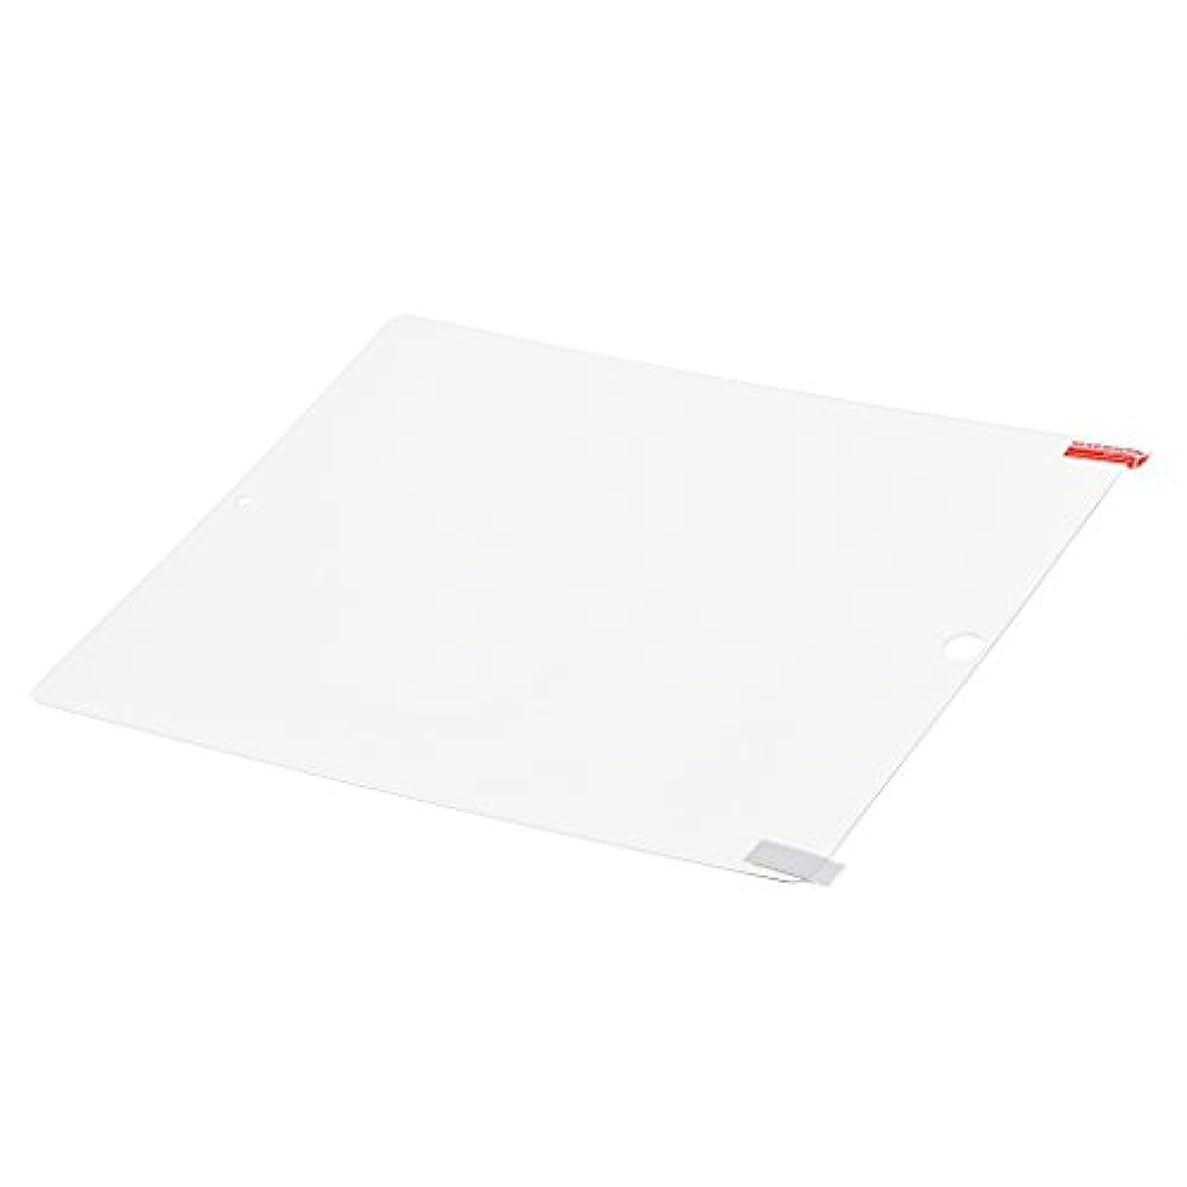 気をつけて降臨裏切りノーブランド品  LCD スクリーンプロテクター アンチグレア スクラッチ マット フィルム ガード  iPad 対応 多サイズ可選 - iPad Pro 12.9